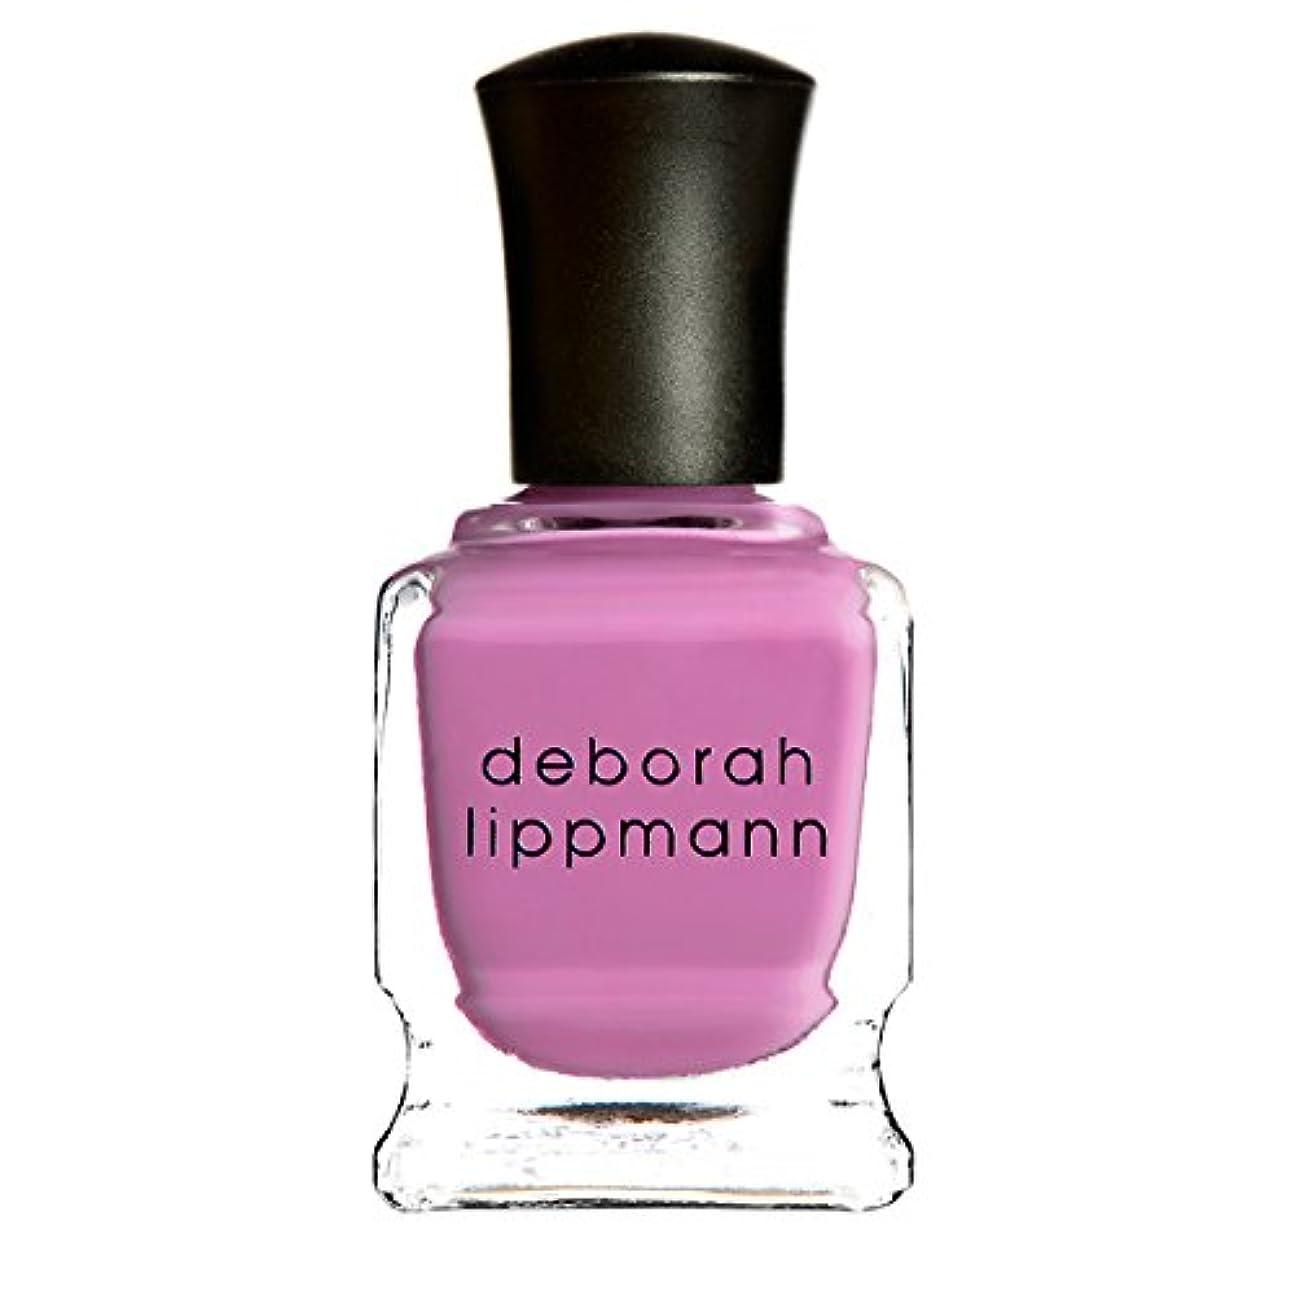 甘美な葬儀パール[Deborah Lippmann] デボラリップマン ミニ ポリッシュ ネイルポリッシュ ピンク系 「シーバップ 」 8 ml 【デボラリップマン】 SHE BOP【deborah lippmann】